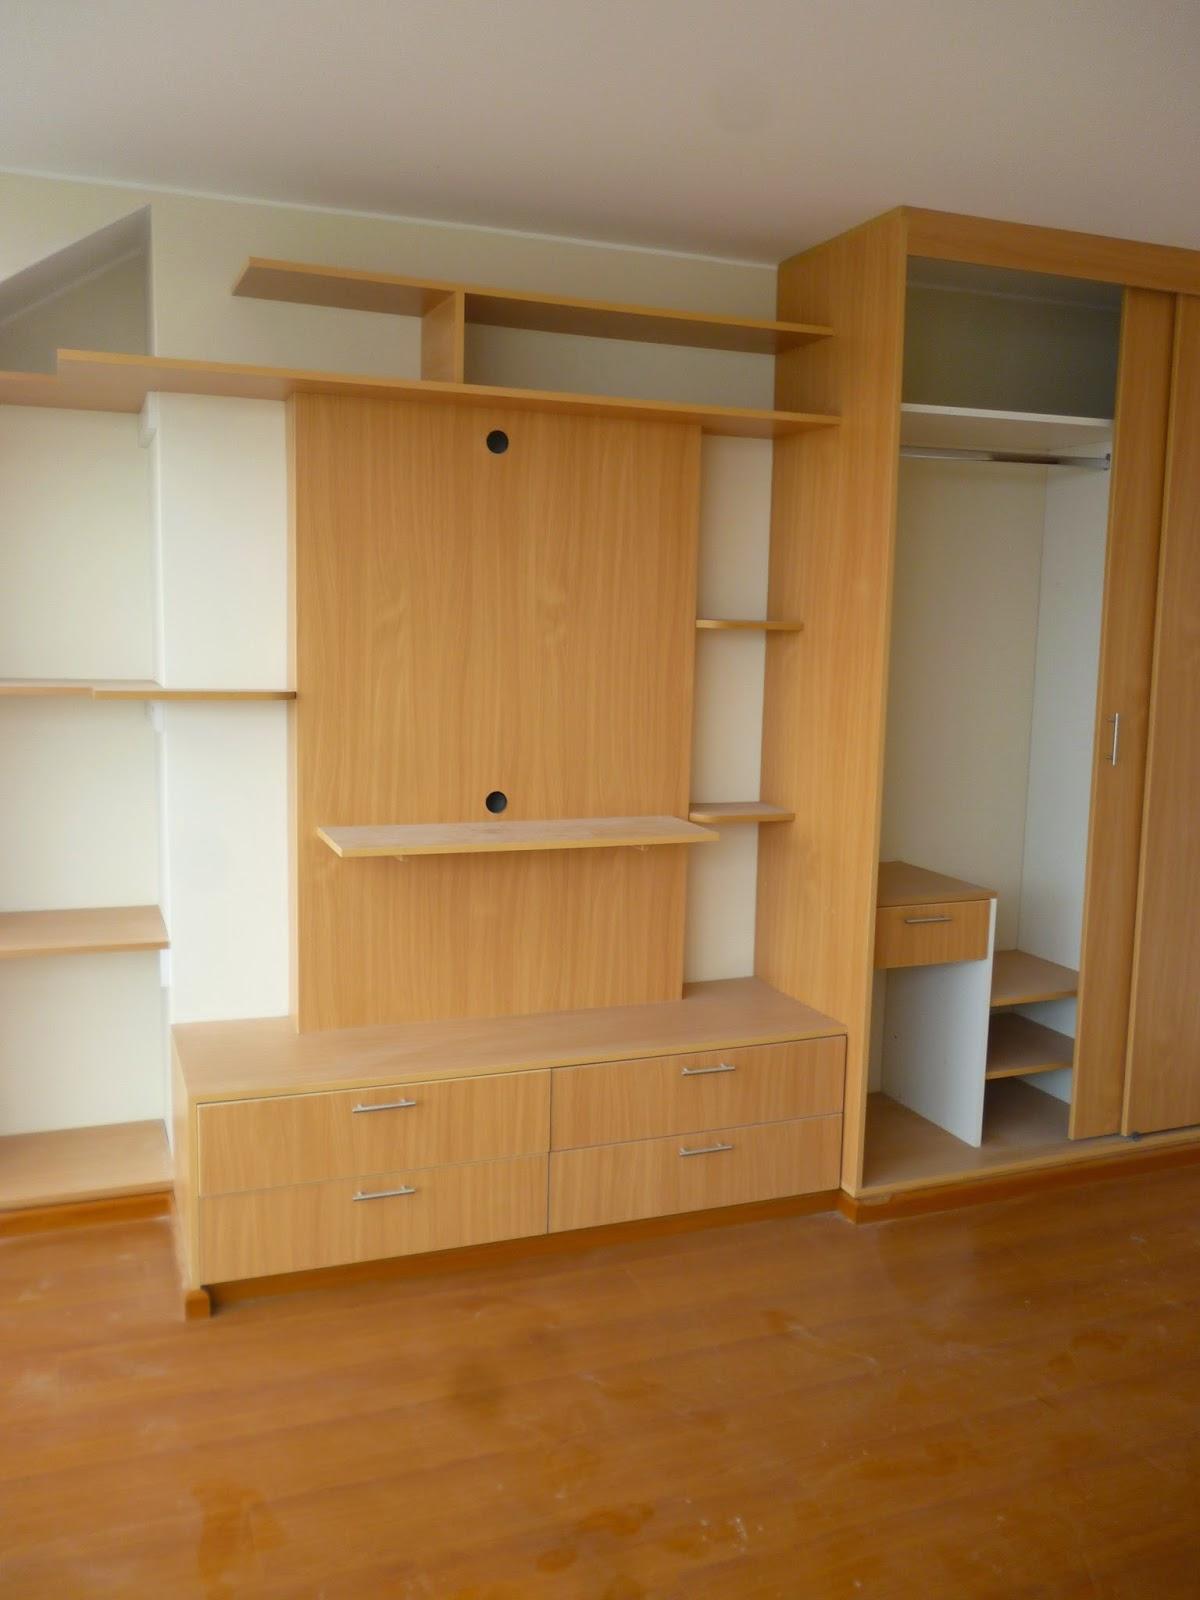 Dise ados organiza tu espacio closet a medida dise o for Closet en escaleras